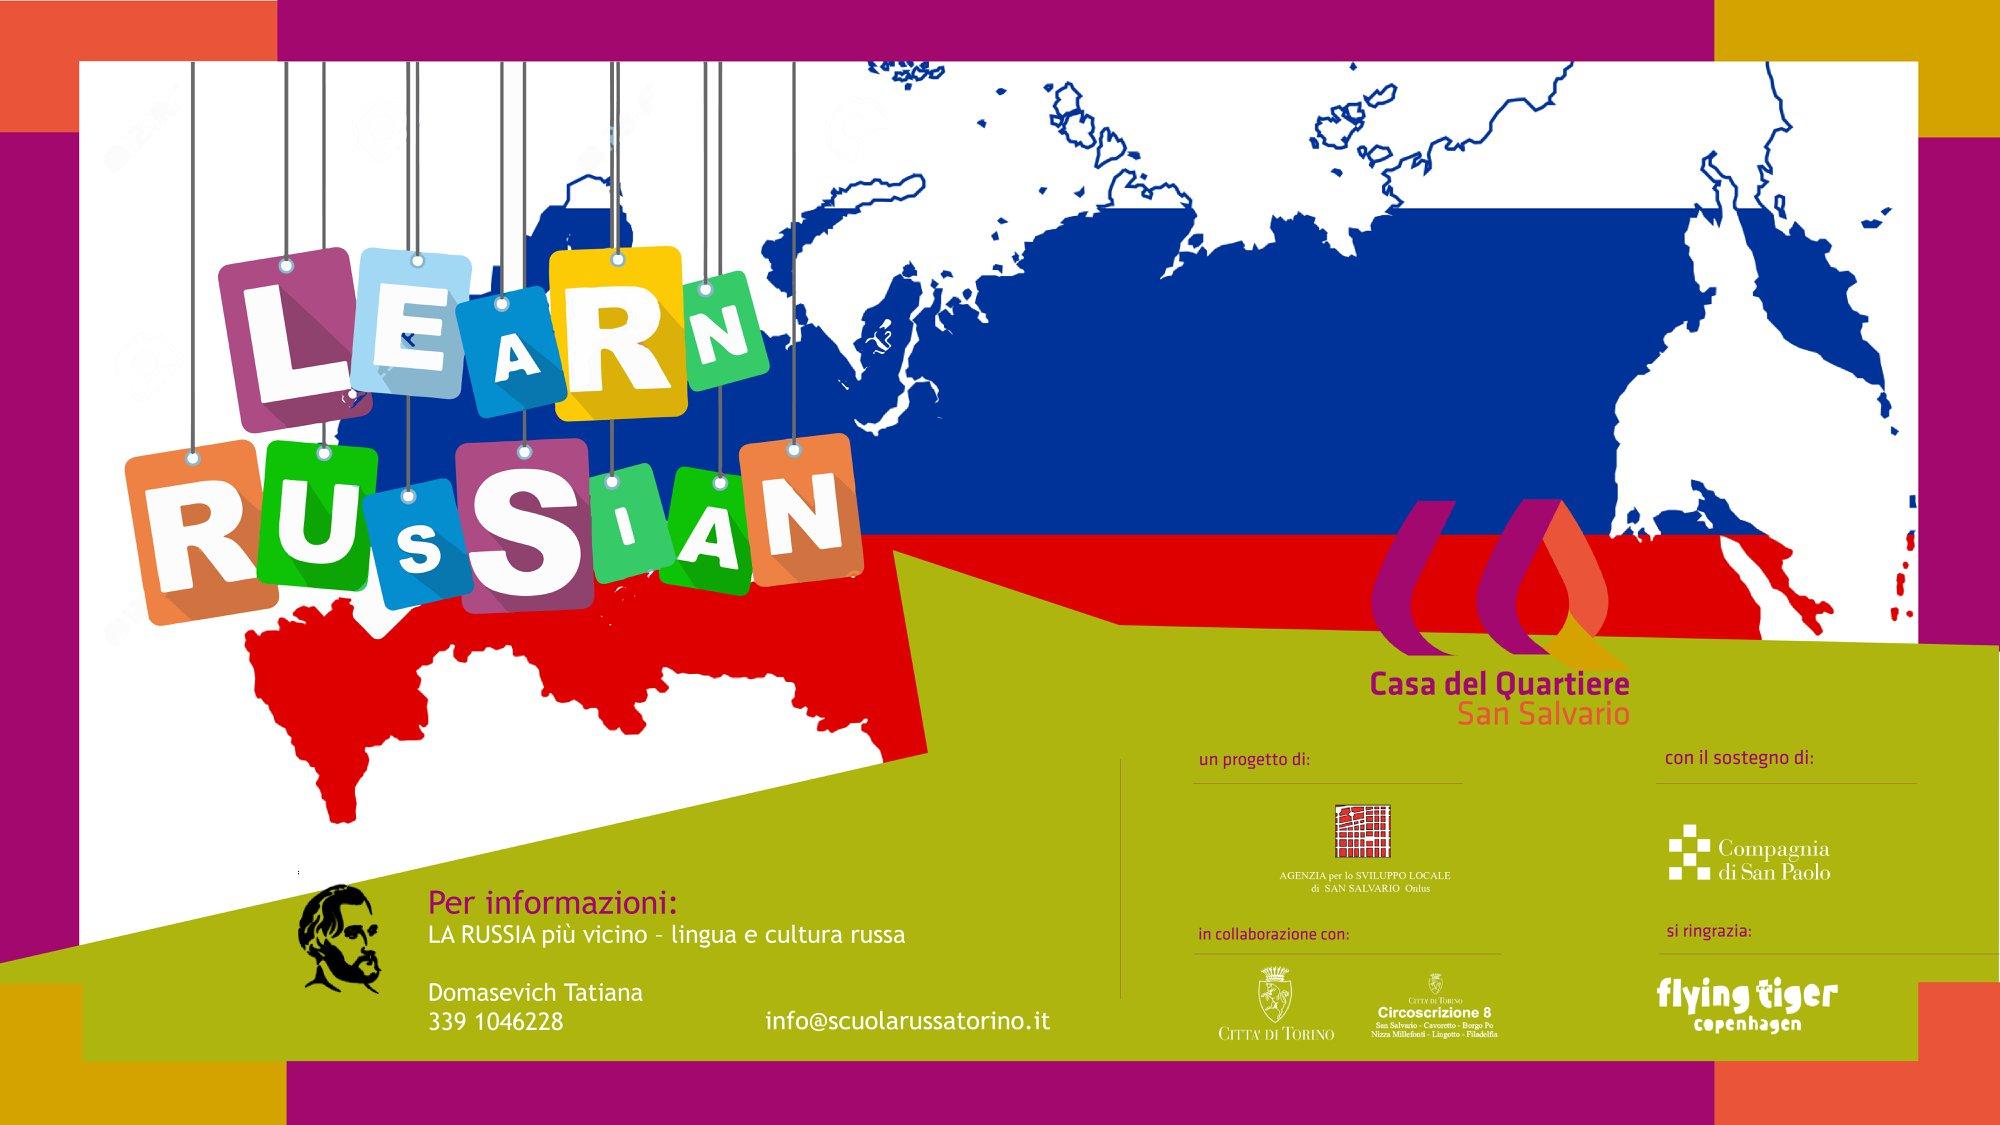 la Russia più vicina